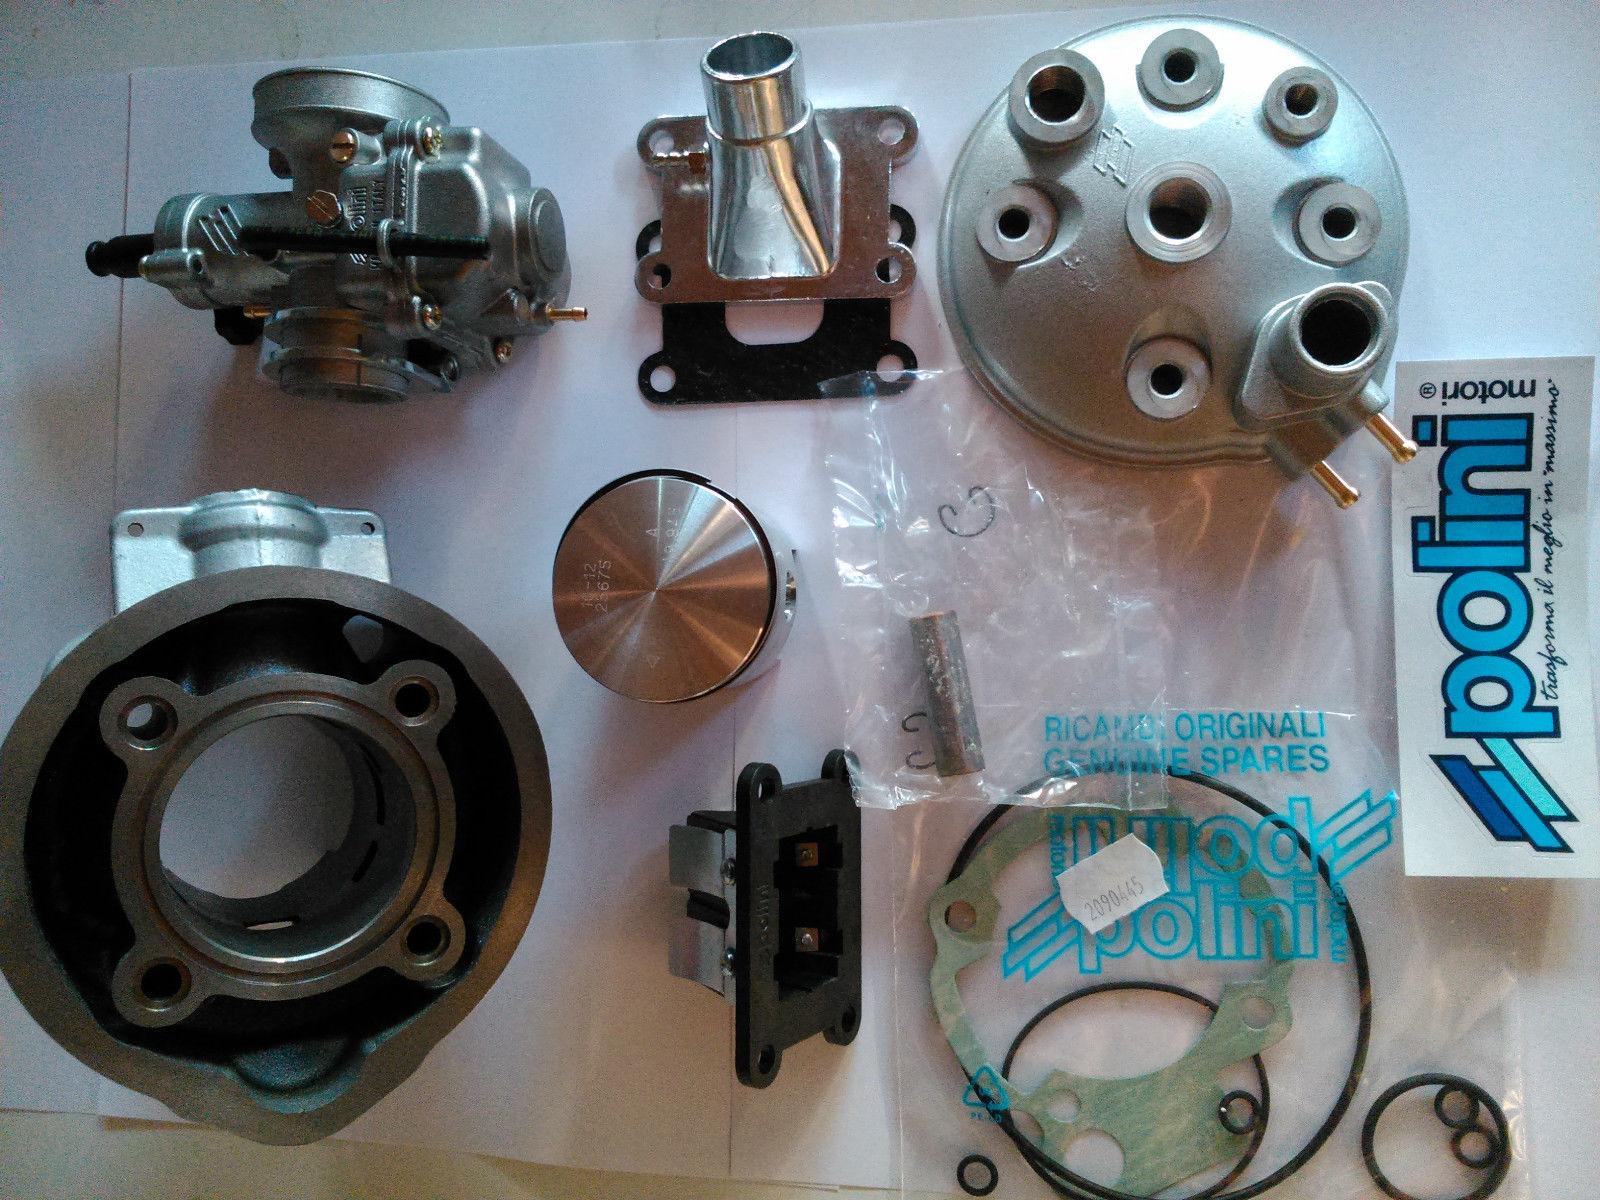 minarelli am6 cilindro 75cc polini carburatore 21 collettore pacco lamellare. Black Bedroom Furniture Sets. Home Design Ideas